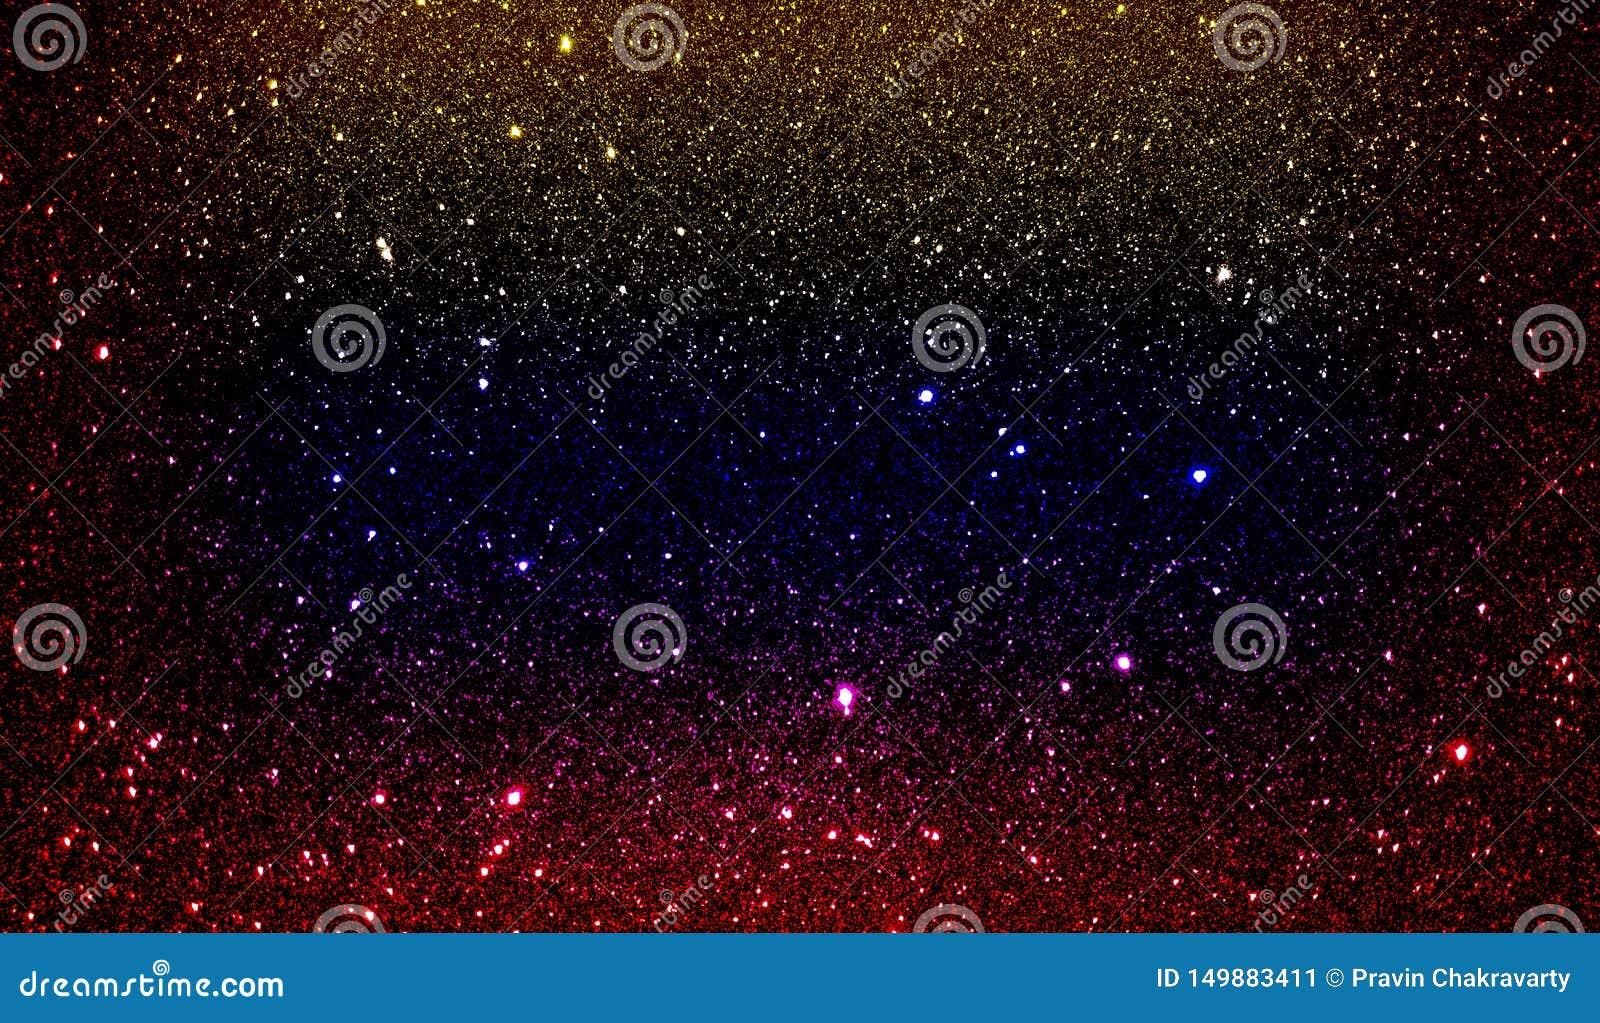 Schitter geweven rood geel blauw en zwart in de schaduw gesteld behang als achtergrond